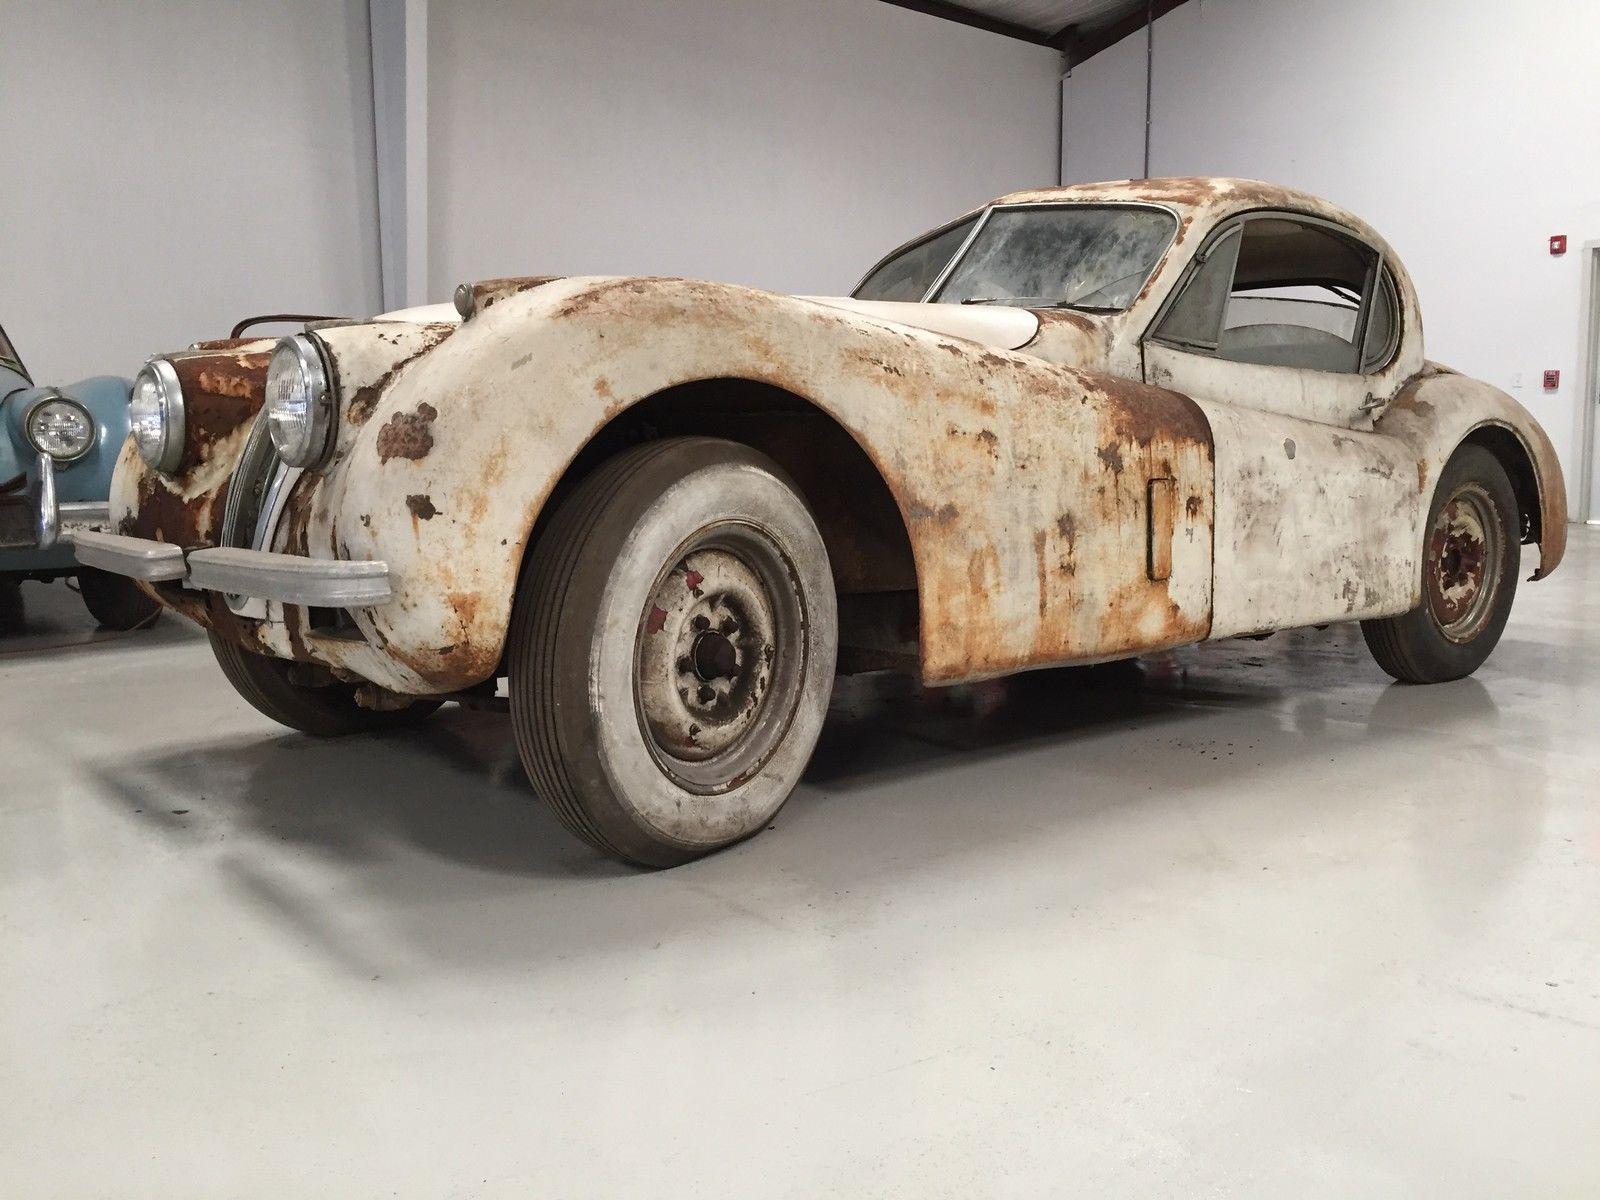 Classic British 1952 Jaguar Xk Restoration Project For Sale